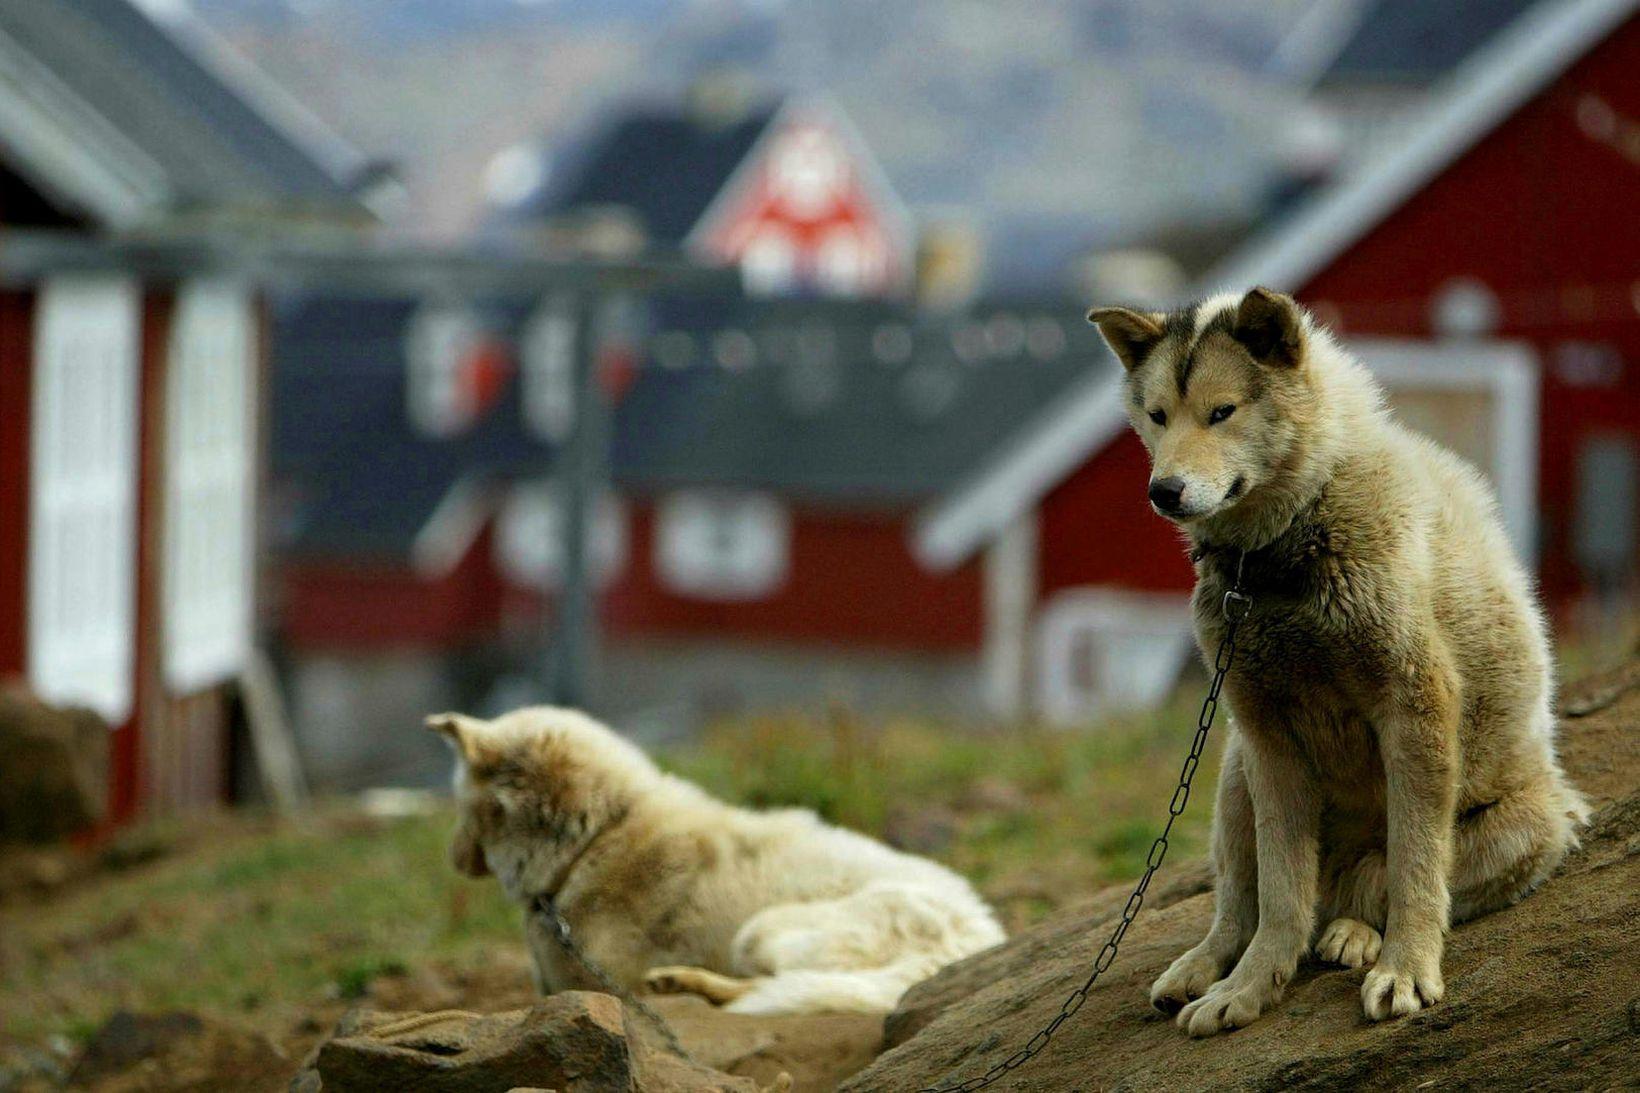 Sleðahundar. Hundasleðaferð er sérstök lífsreynsla. Mynd frá Grænlandi.